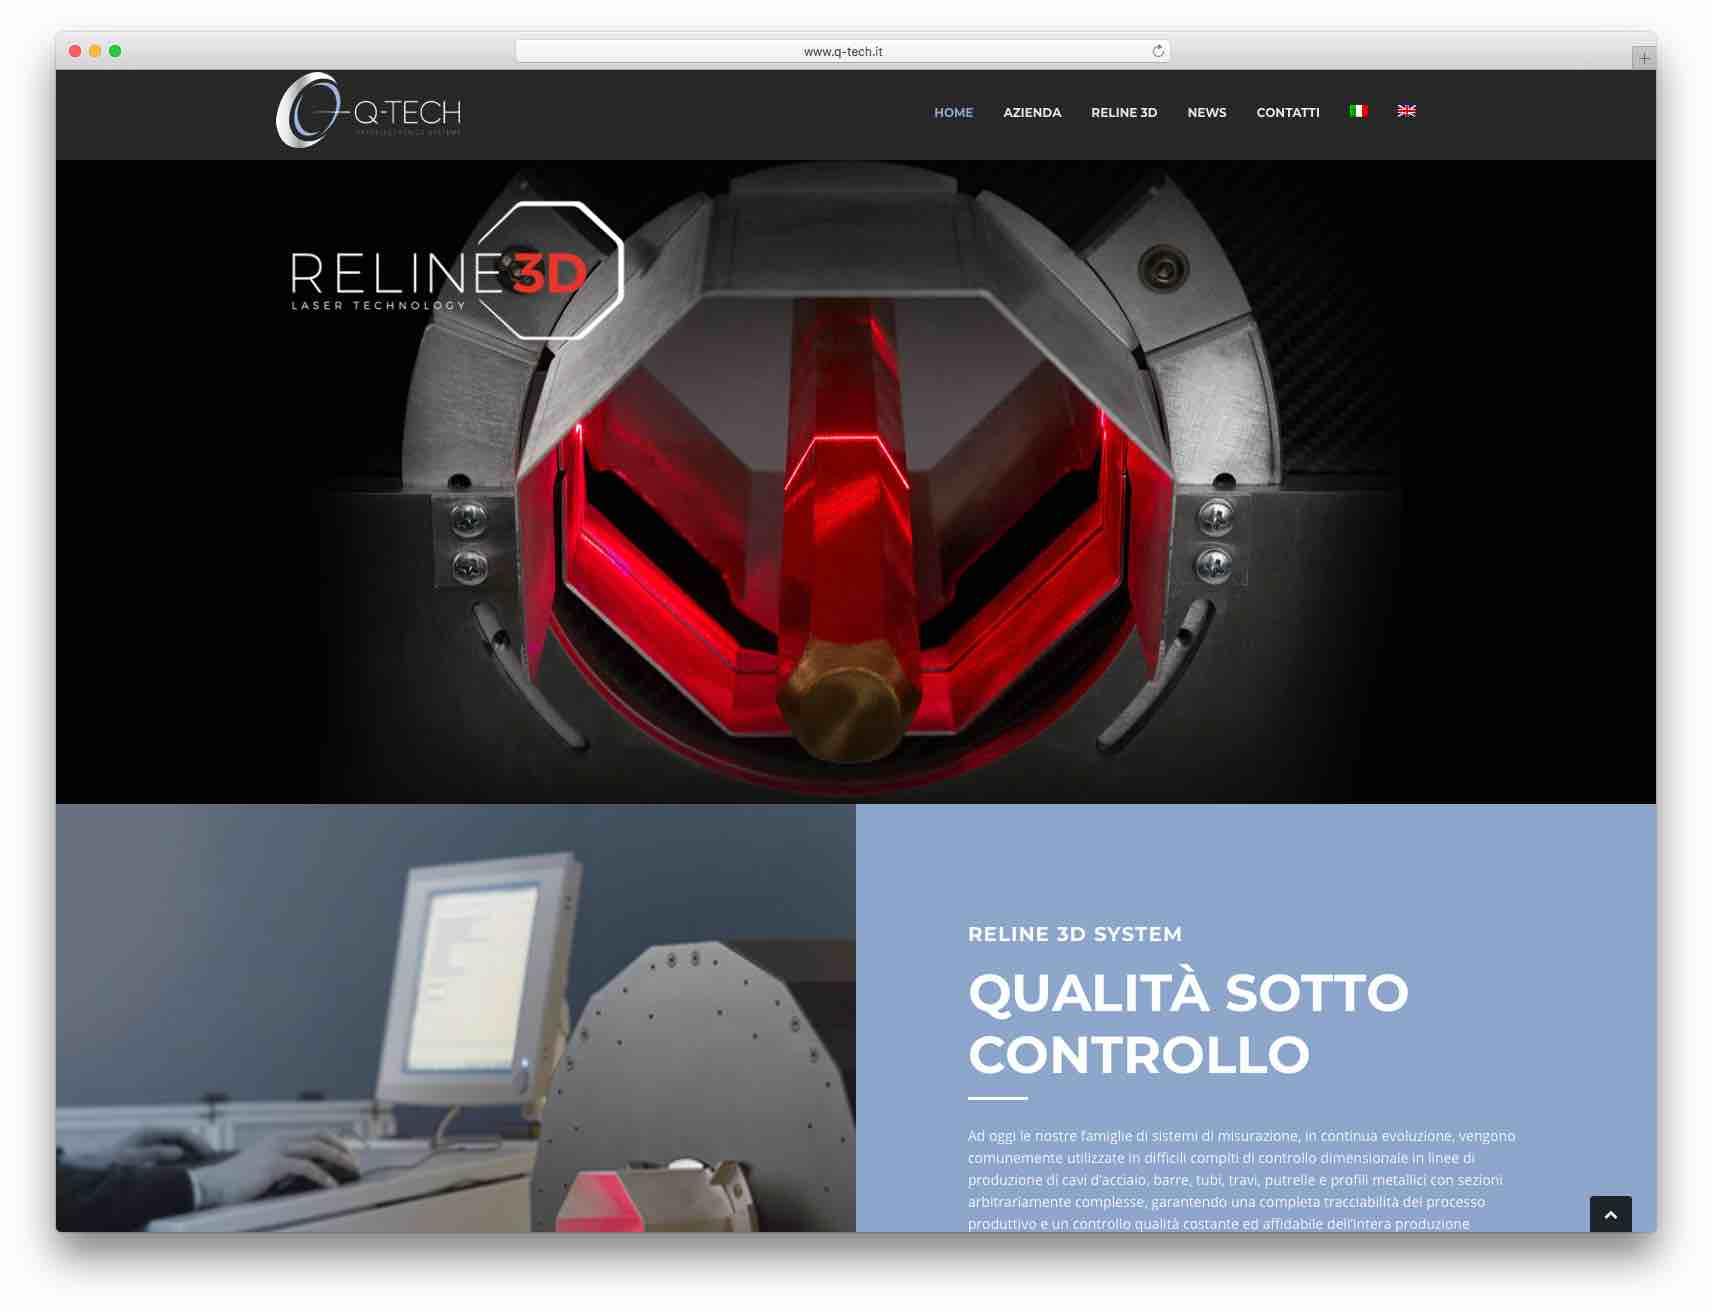 Creazione Siti Web Brescia - Sito Web Q-TECH